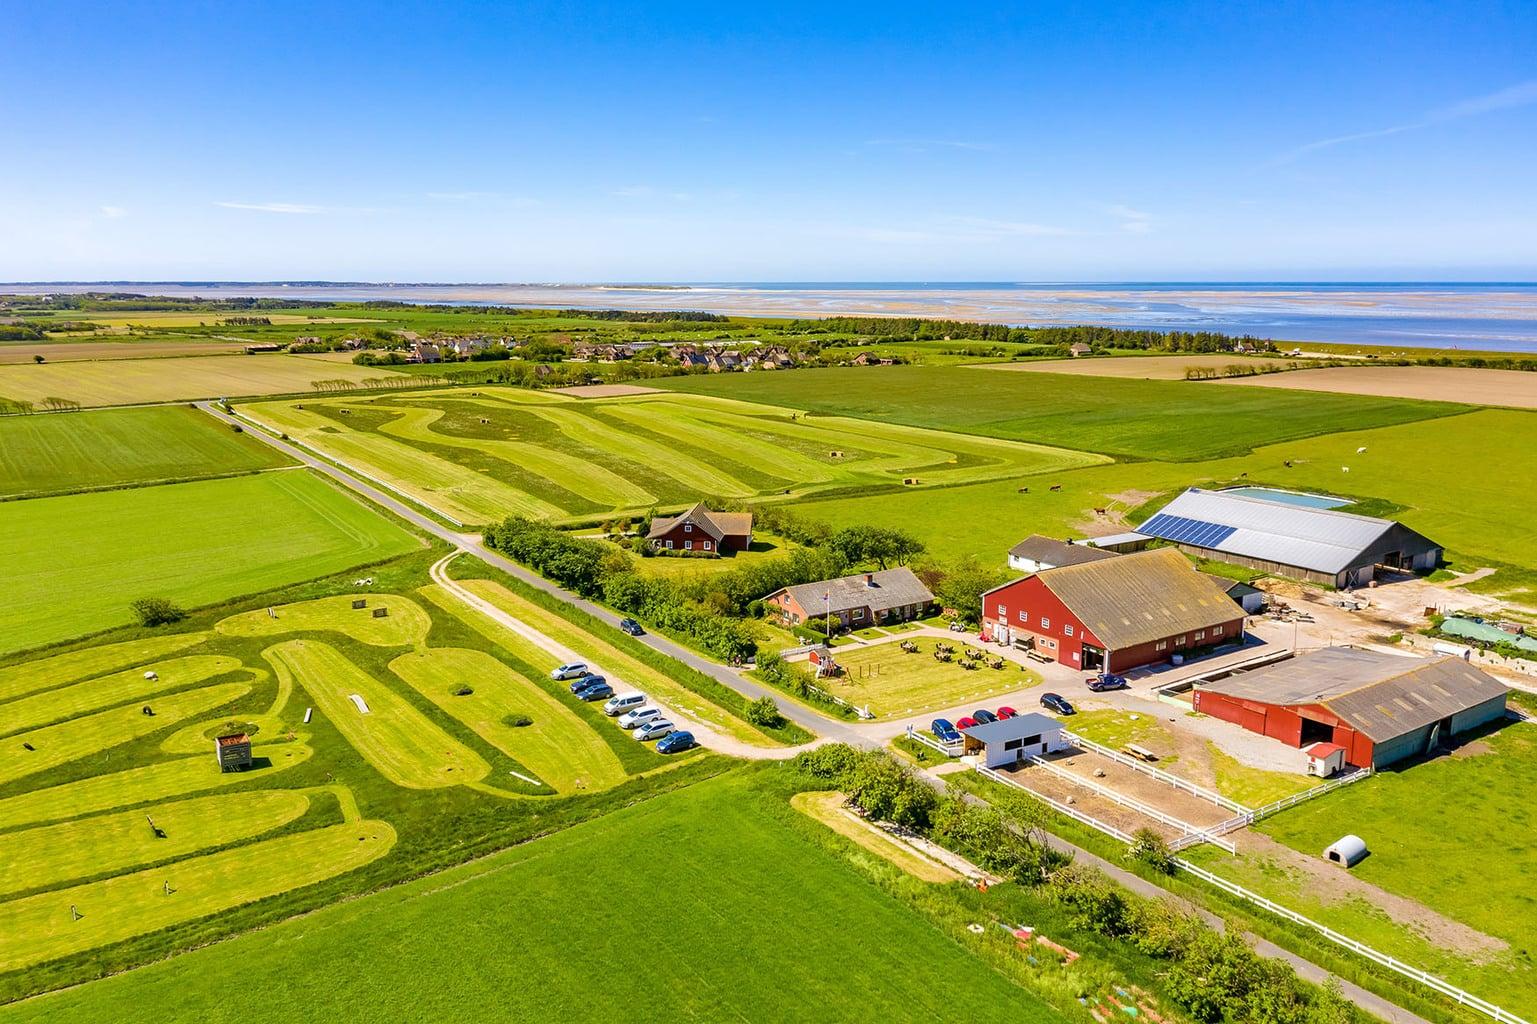 De farm van familie Hinrichsen van boven